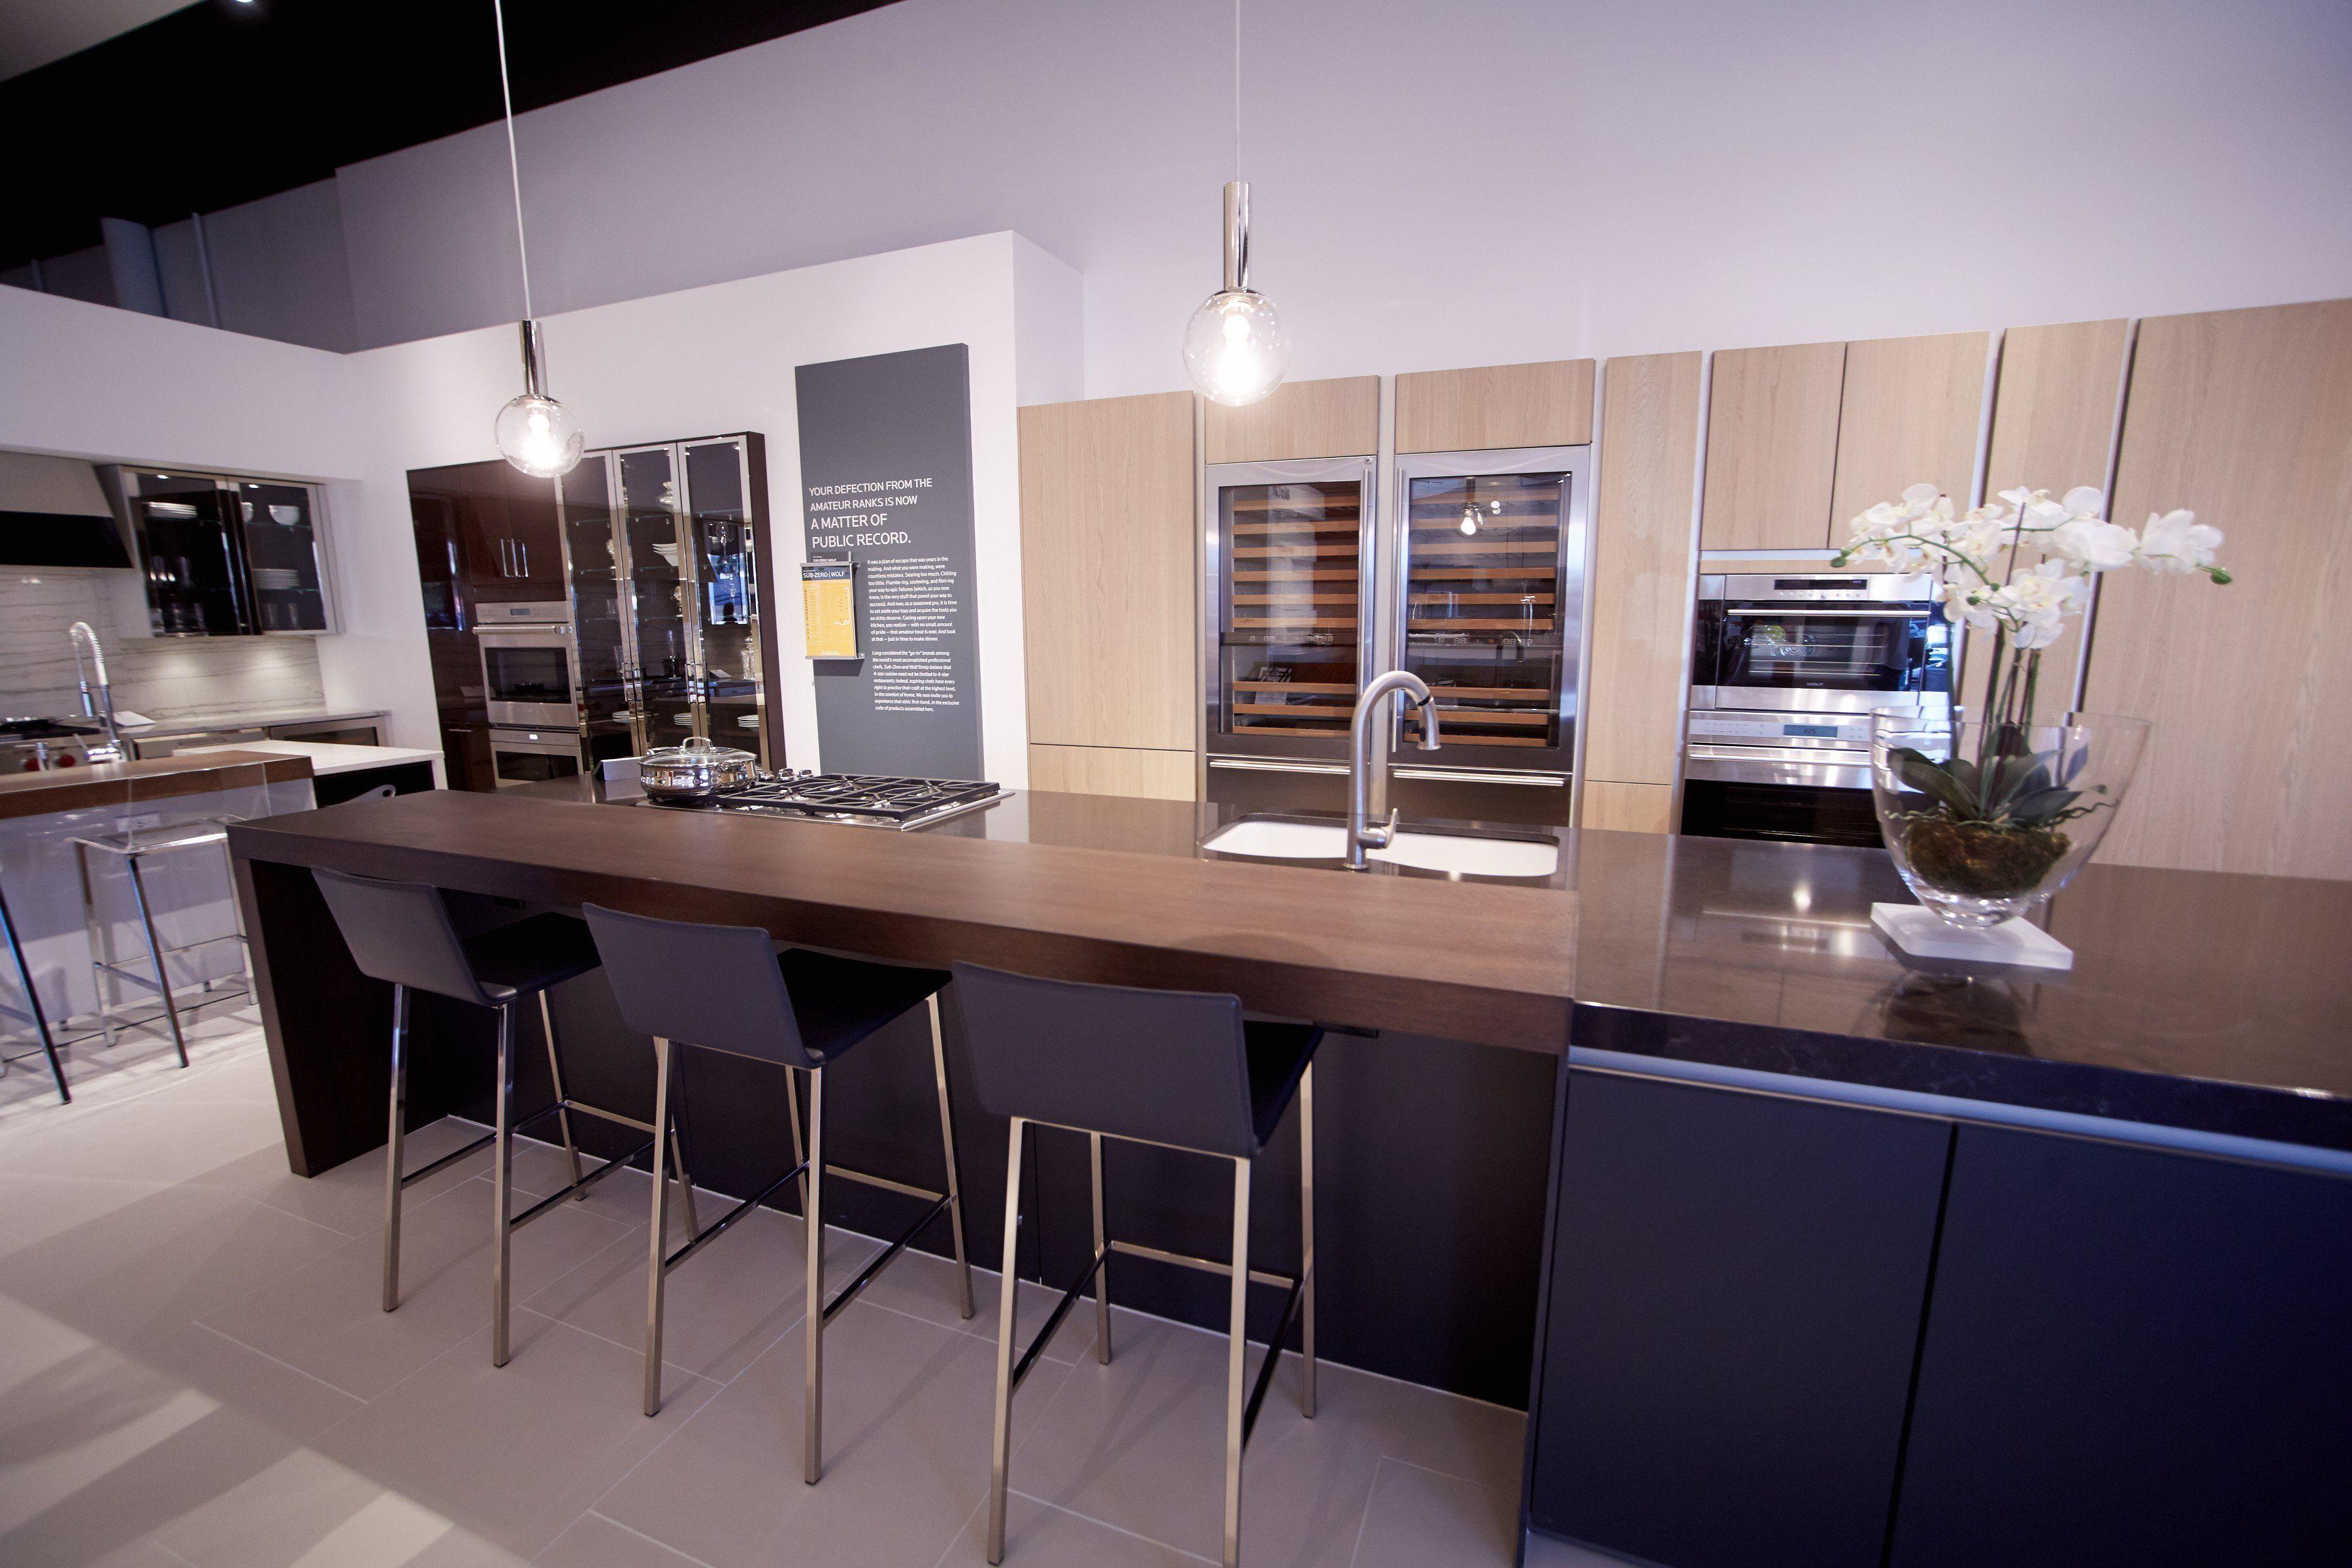 Kitchen Design Pirch Utc Interactive Kitchen Design Latest Kitchen Designs Kitchen Cabinets Brands